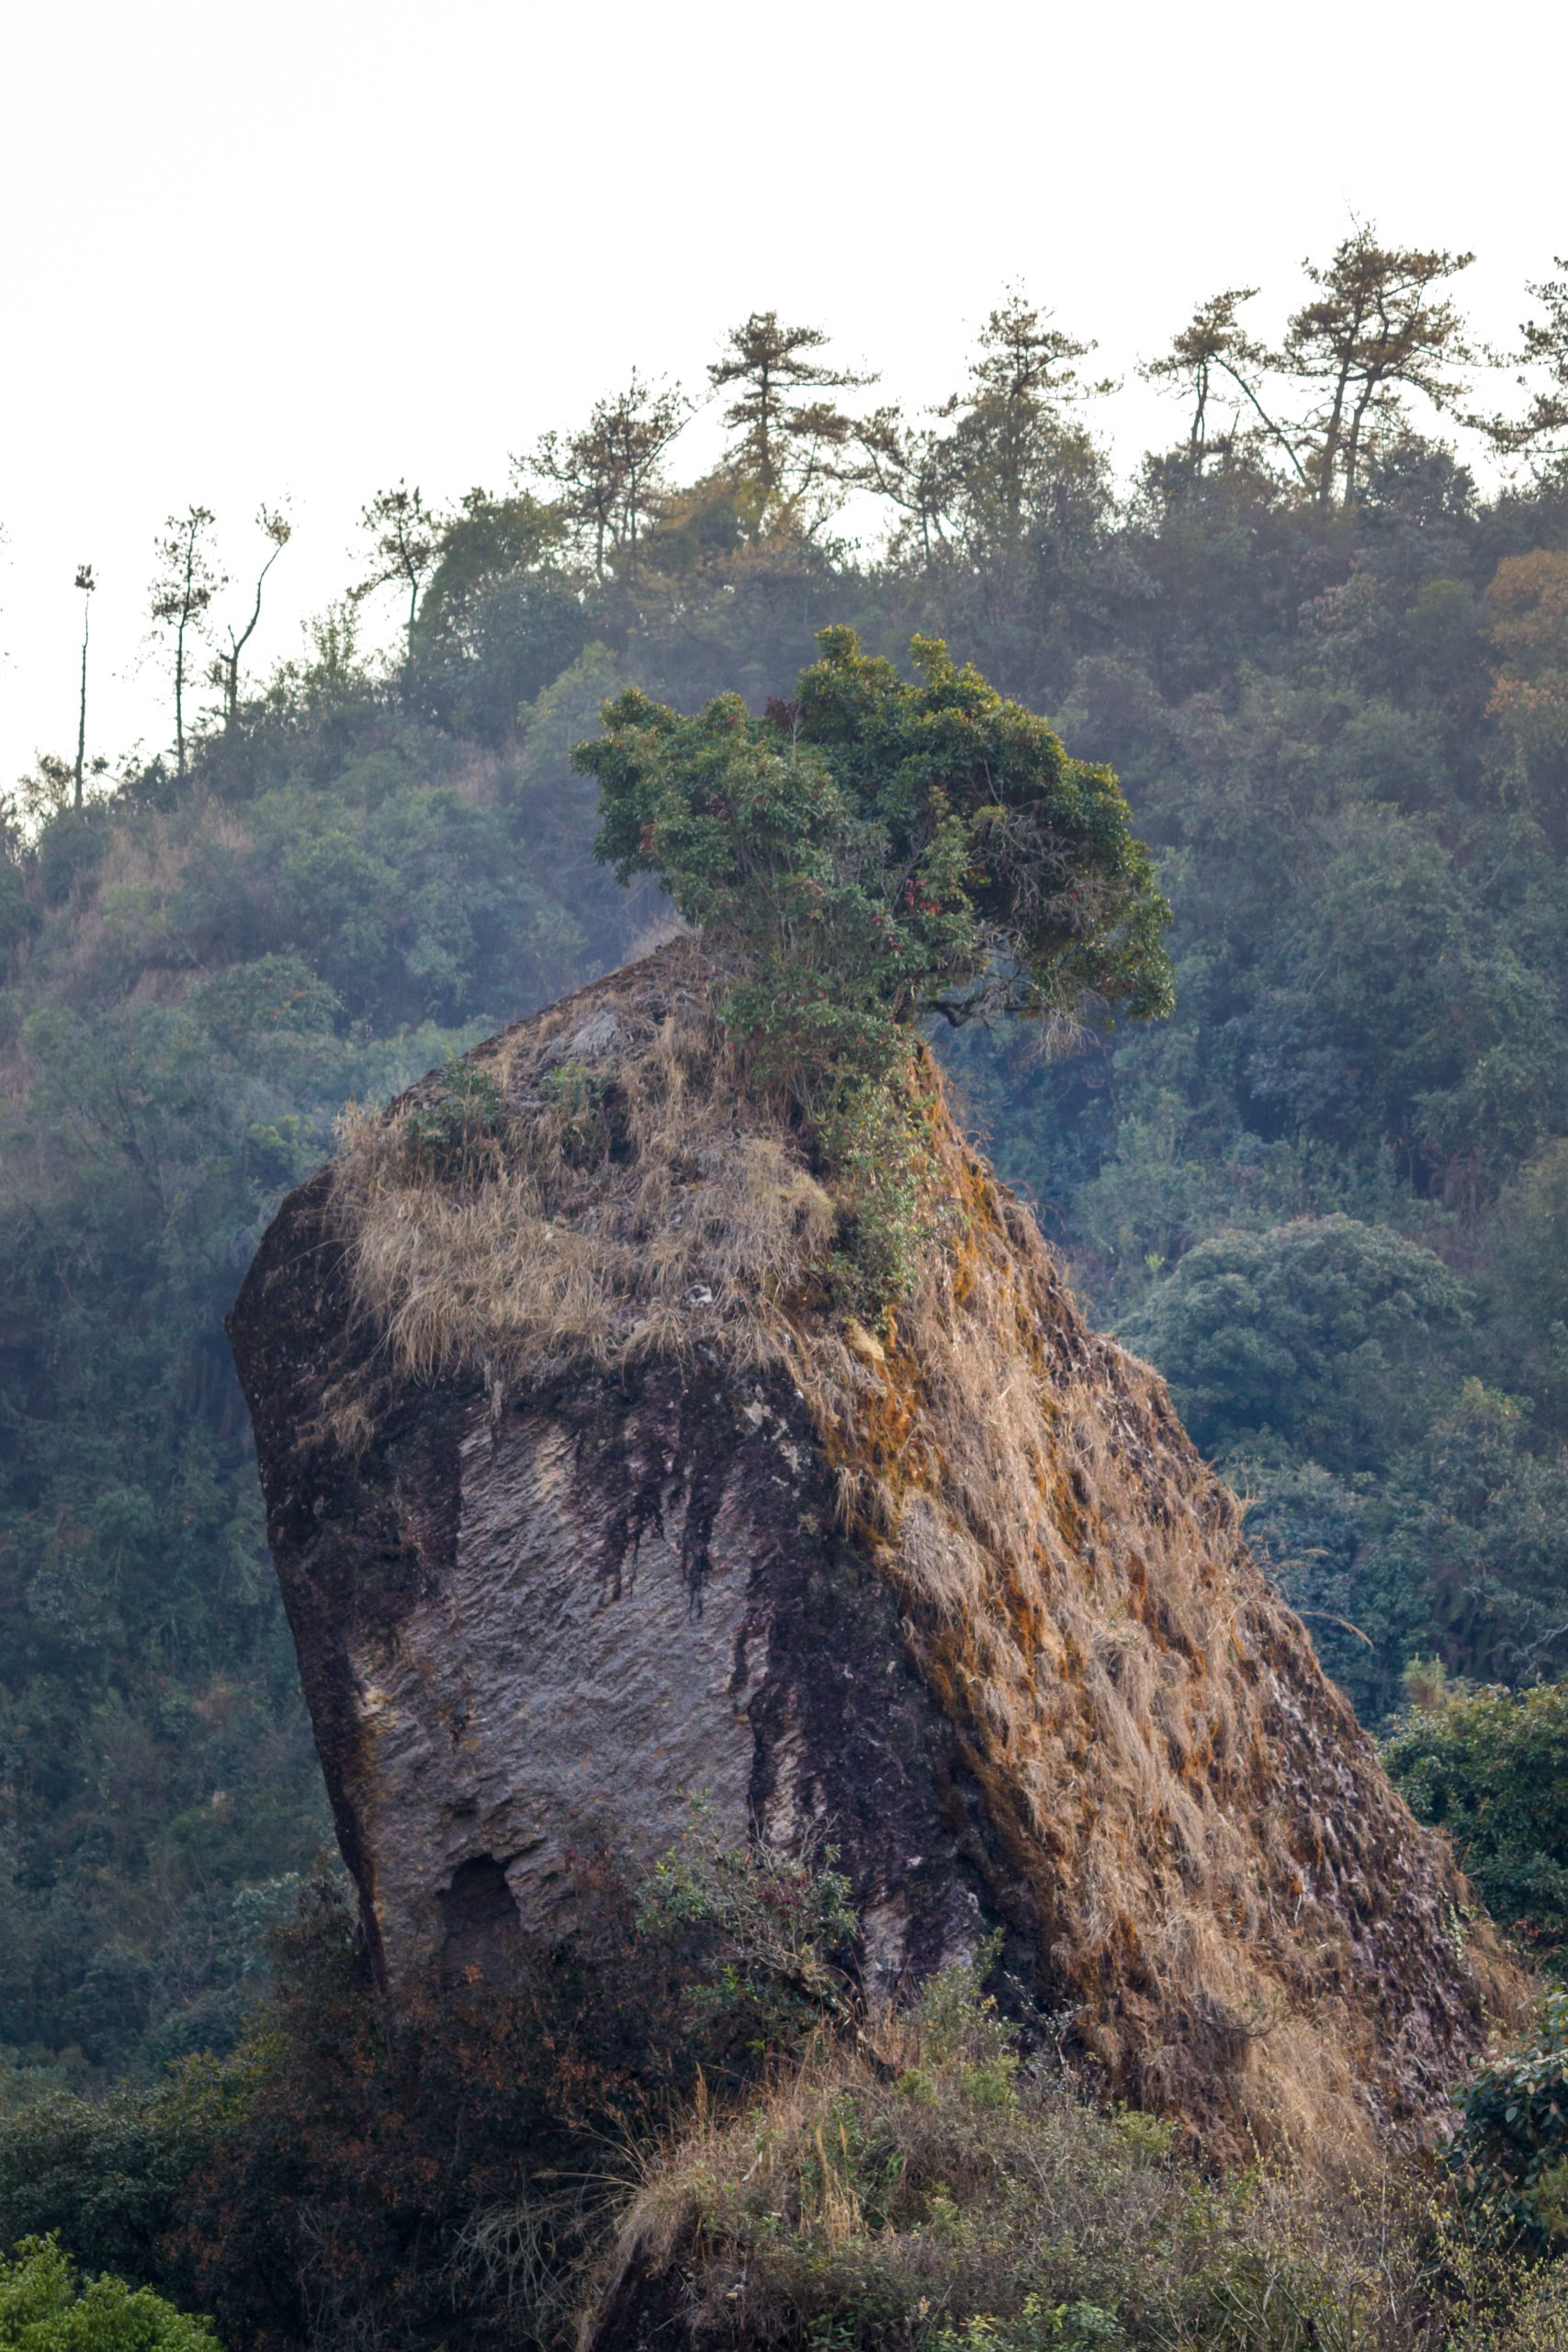 A big rock under a hill